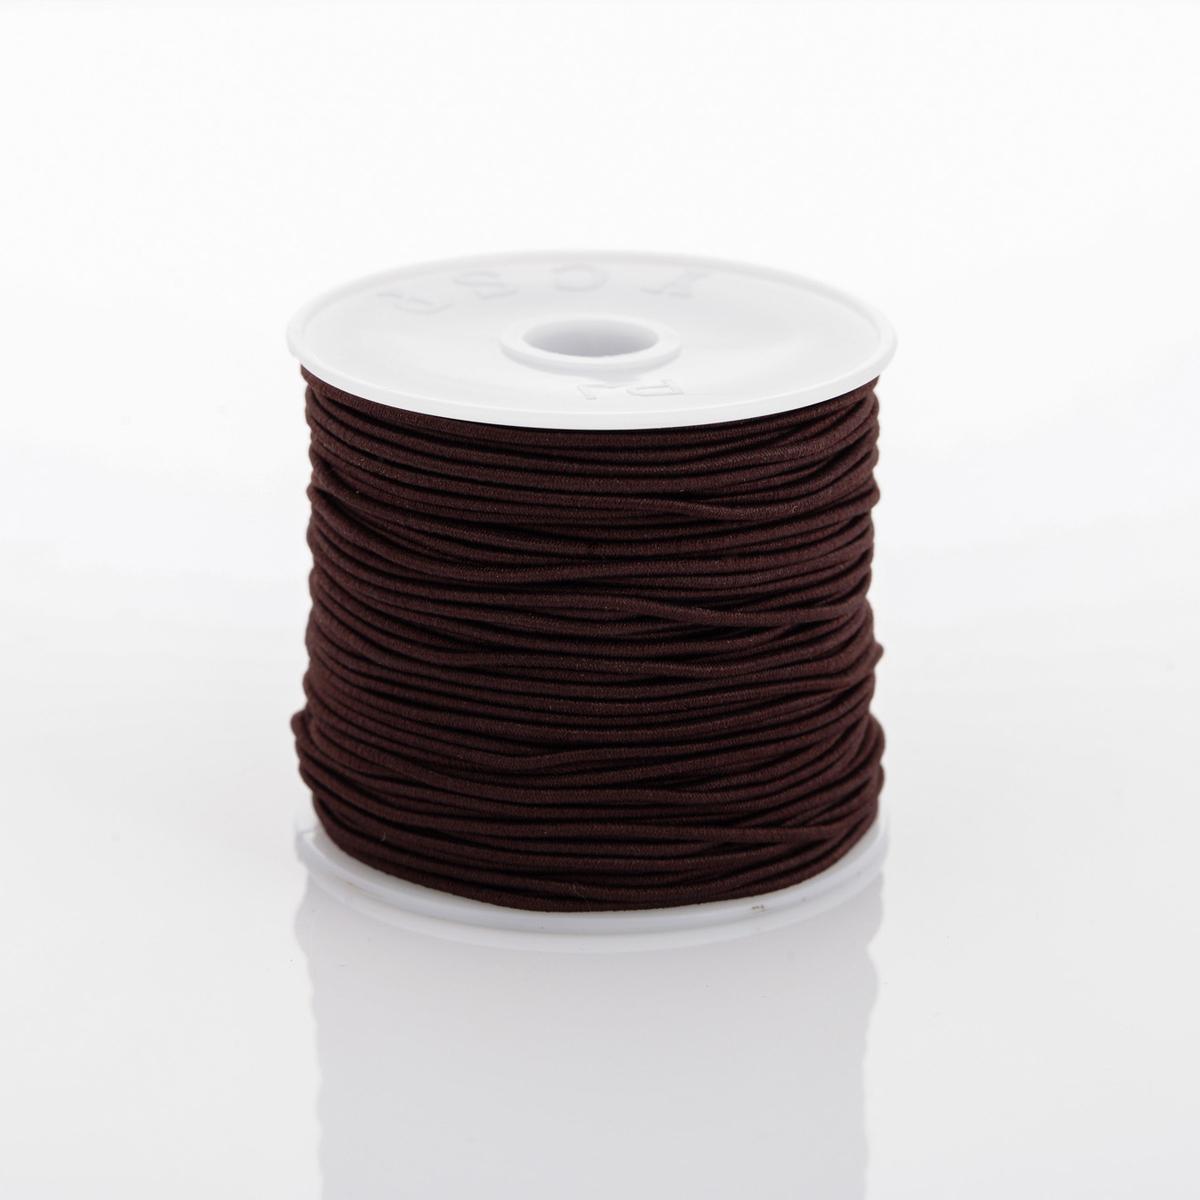 尚之缘0.6/0.8/1.0/1.2/1.5mm好质量包芯线弹力线绳 佛珠线手串绳